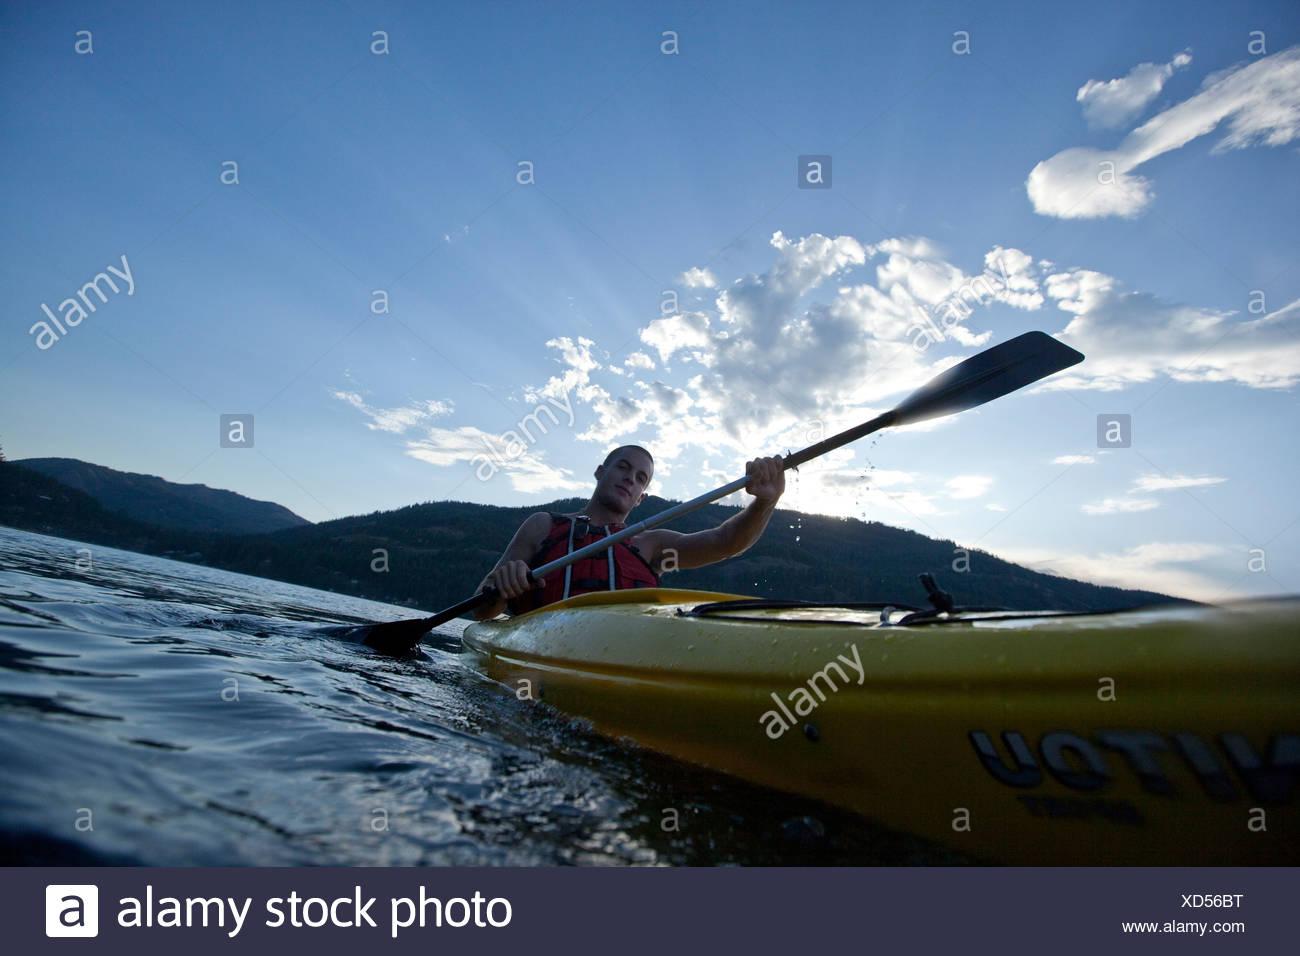 Young man paddles yellow kayak on lake. - Stock Image